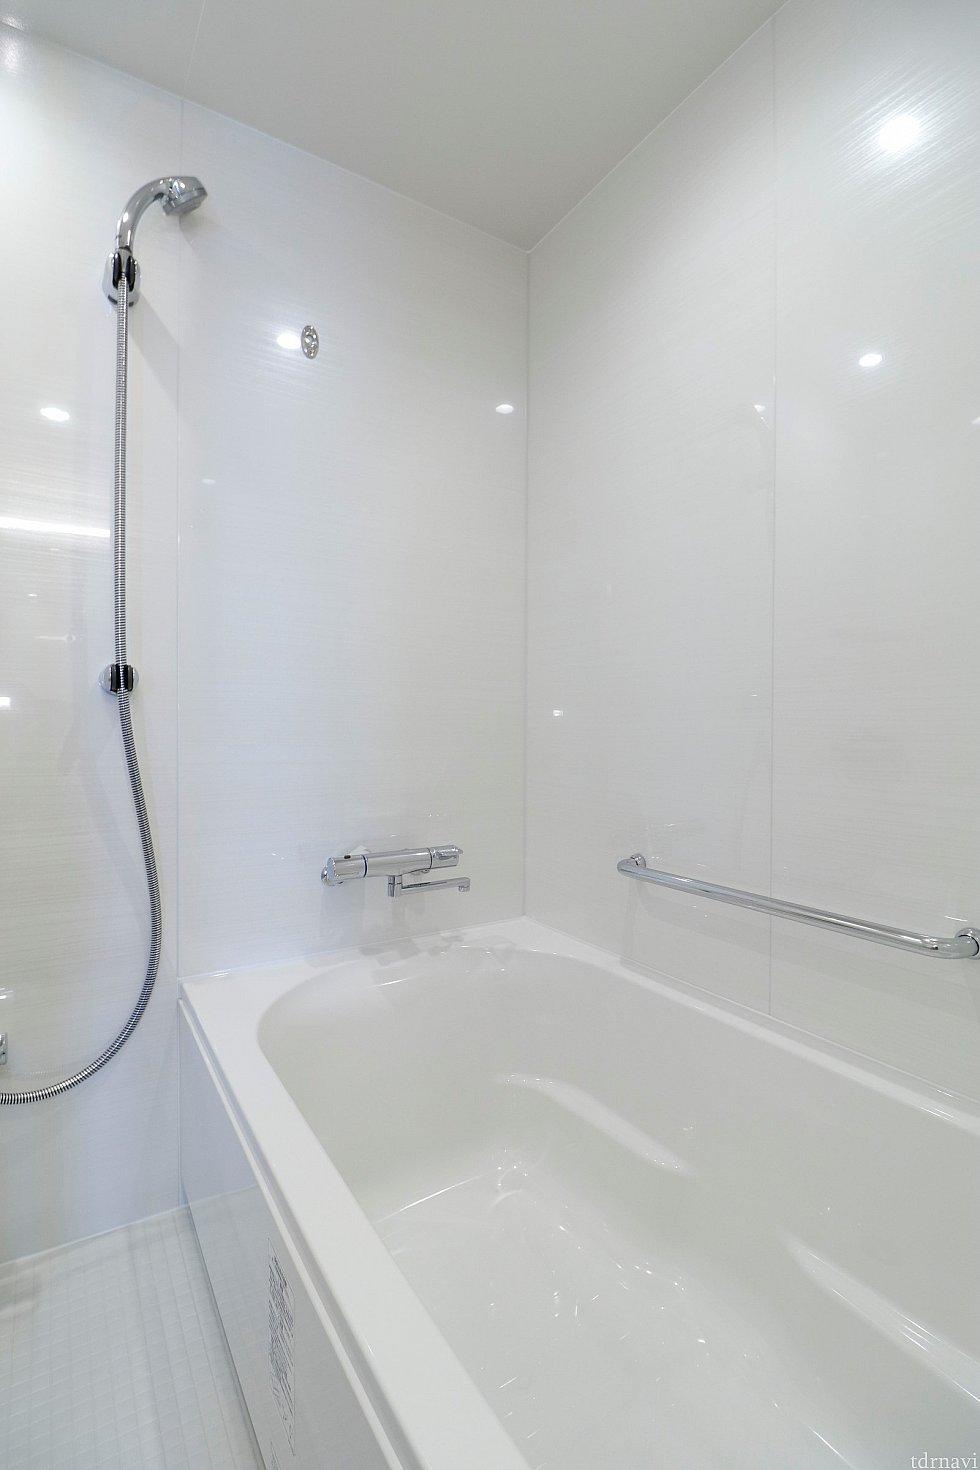 シャワーの勢いは申し分ありません お湯張りは時間がかかります